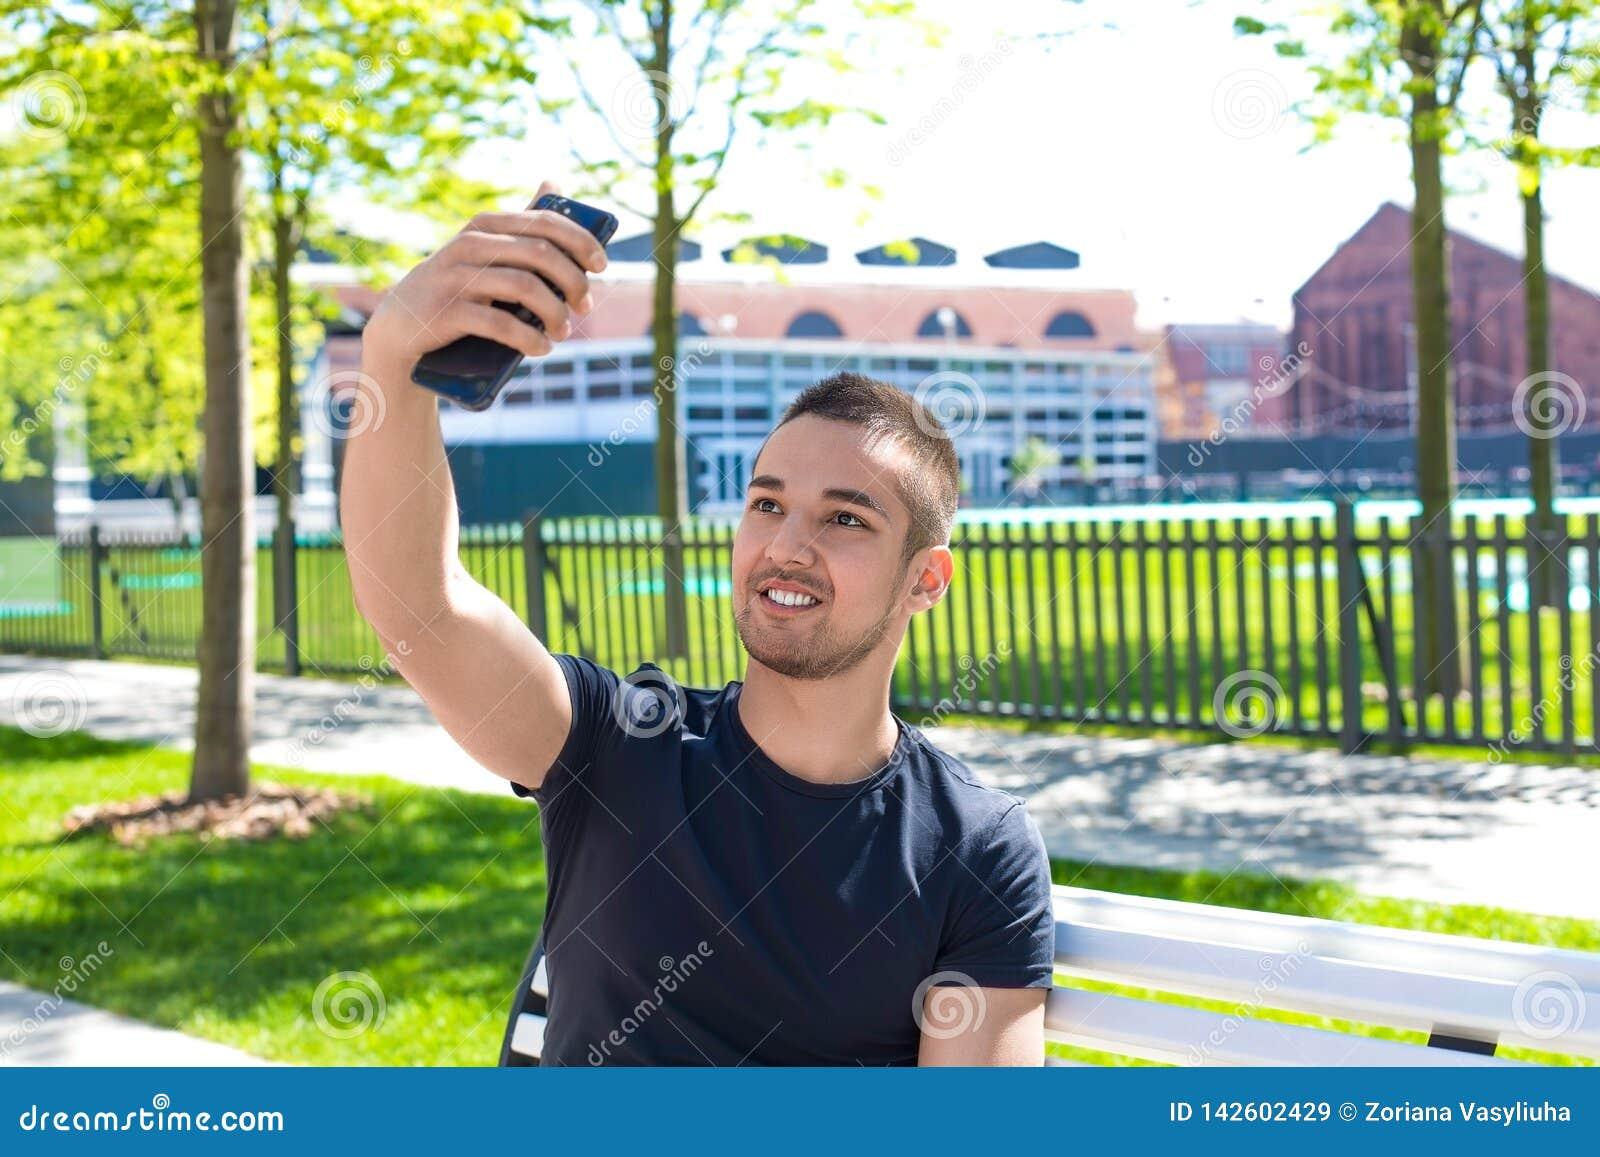 Hombre sonriente que tiene llamada video en línea en smartphone durante tiempo libre al aire libre